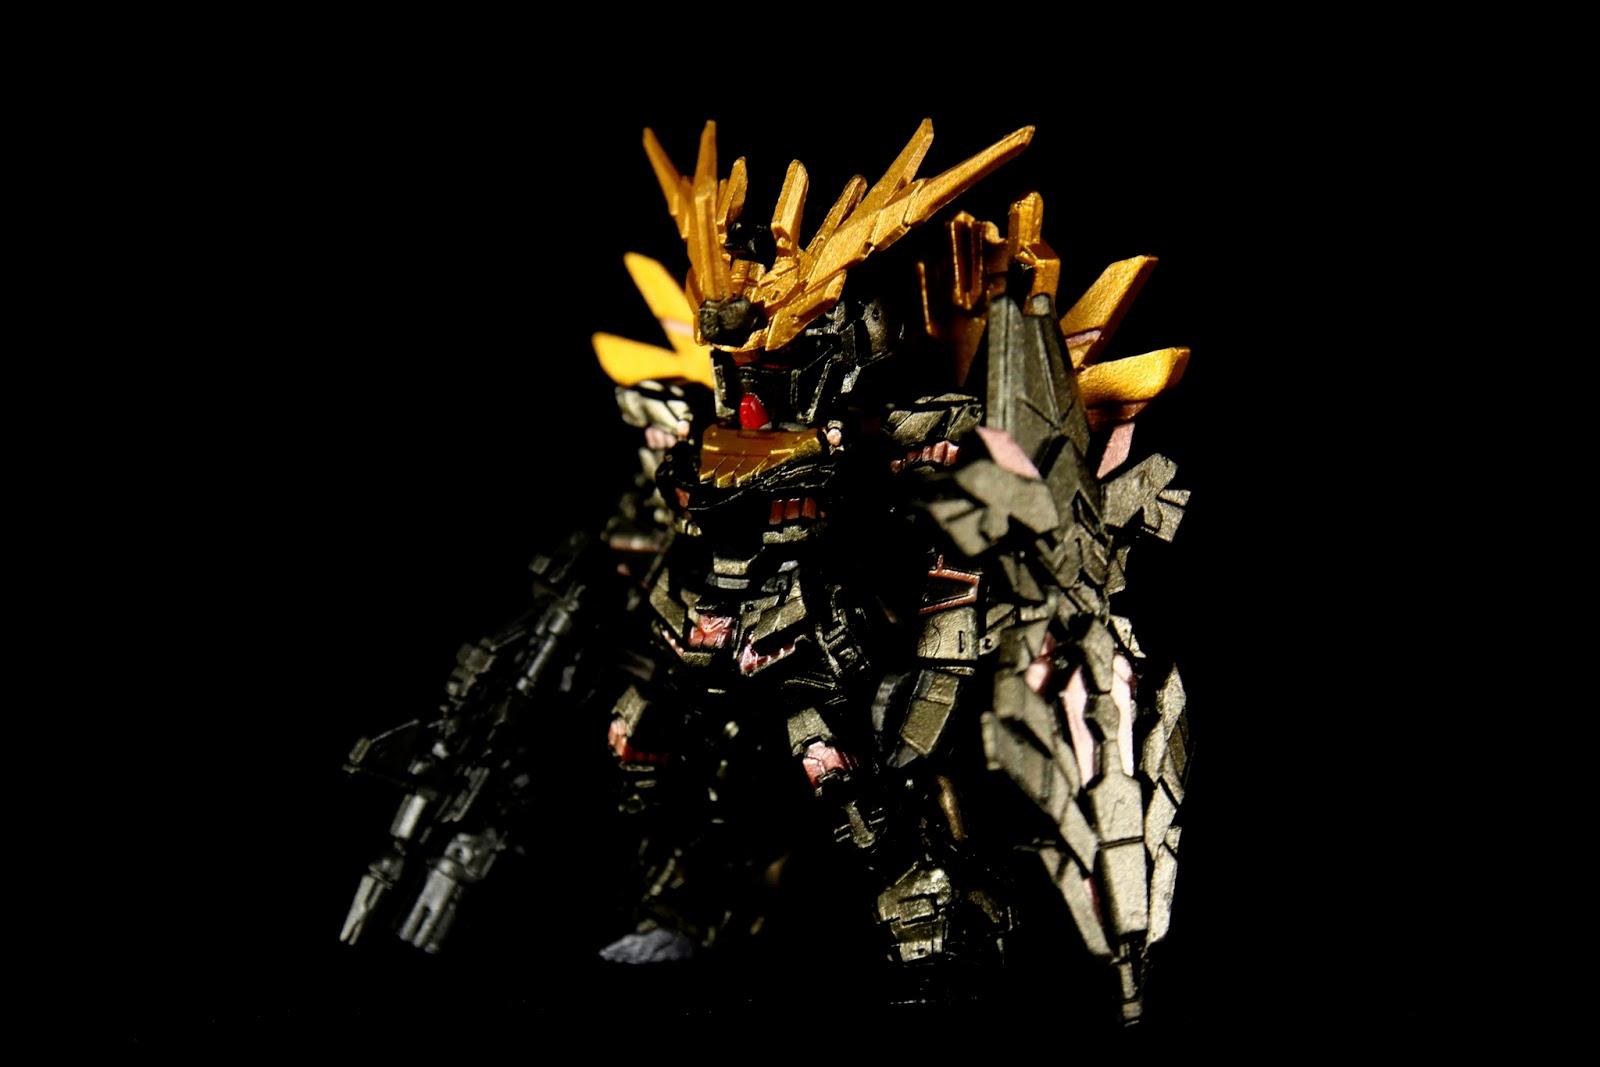 第一隻就是RX-0-2 BASHEE NORN